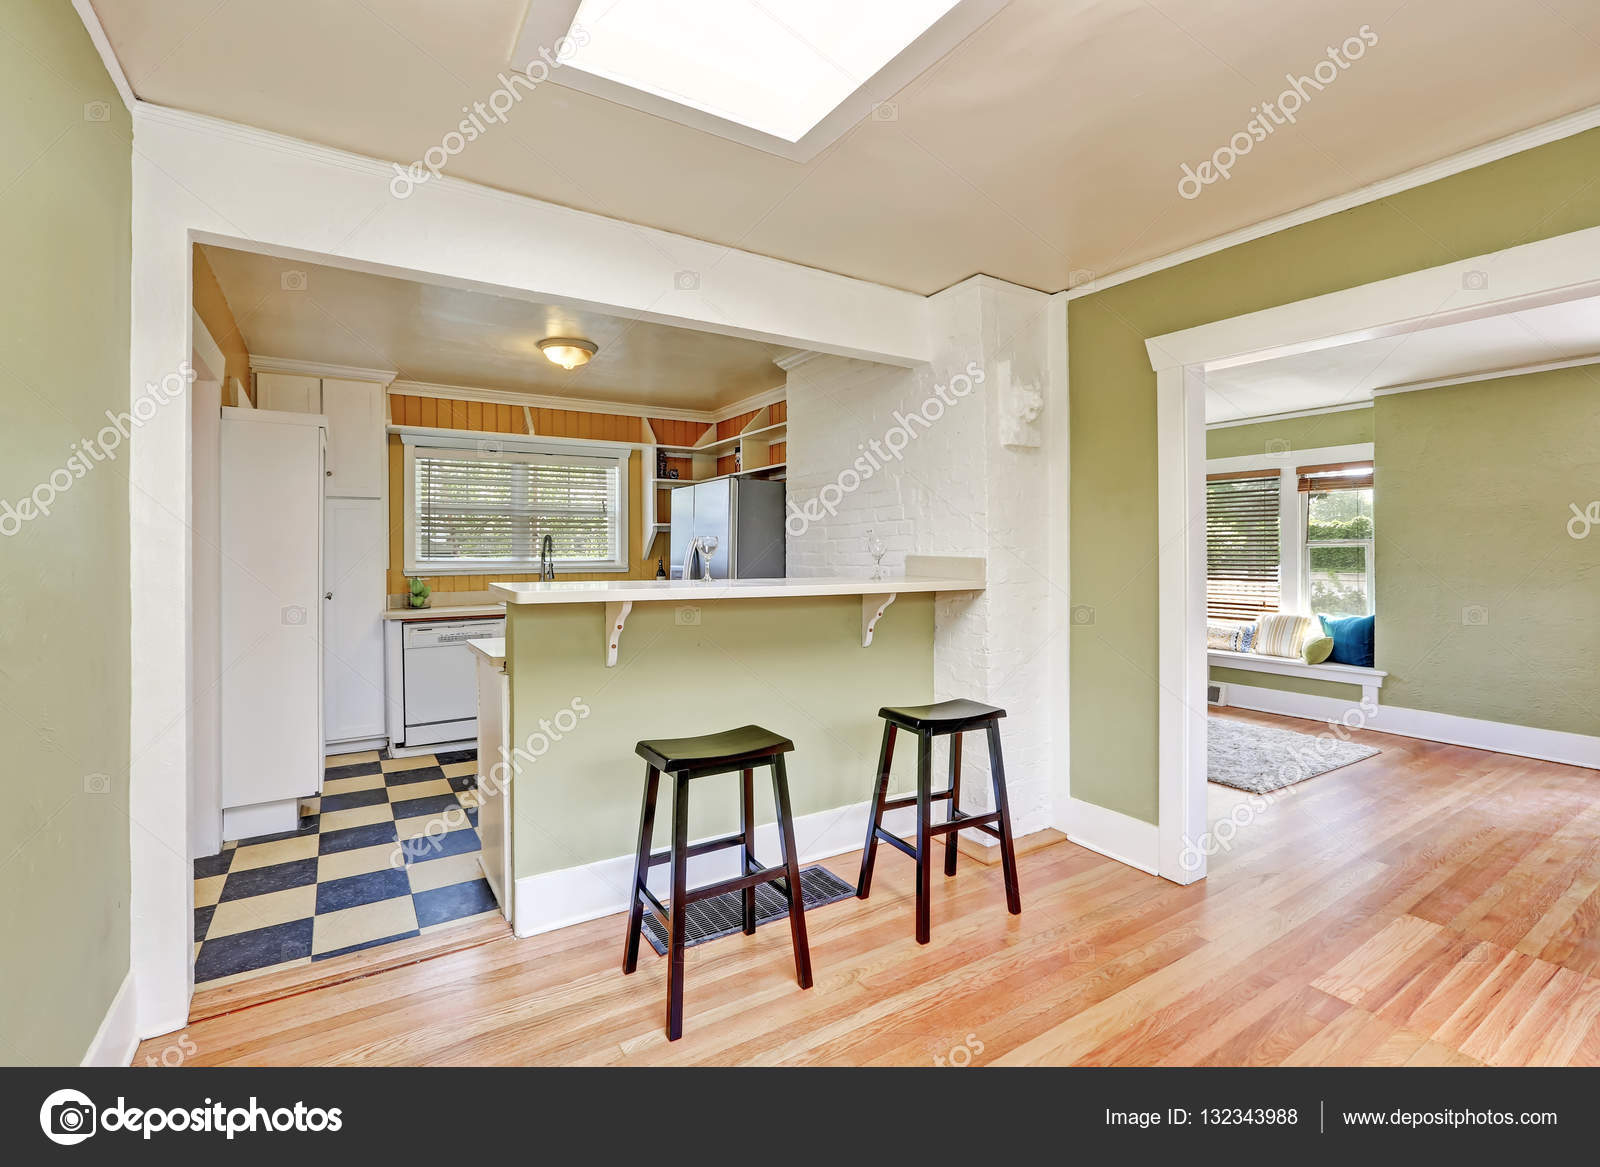 Interiore della stanza cucina a forma di u con sgabelli da bar